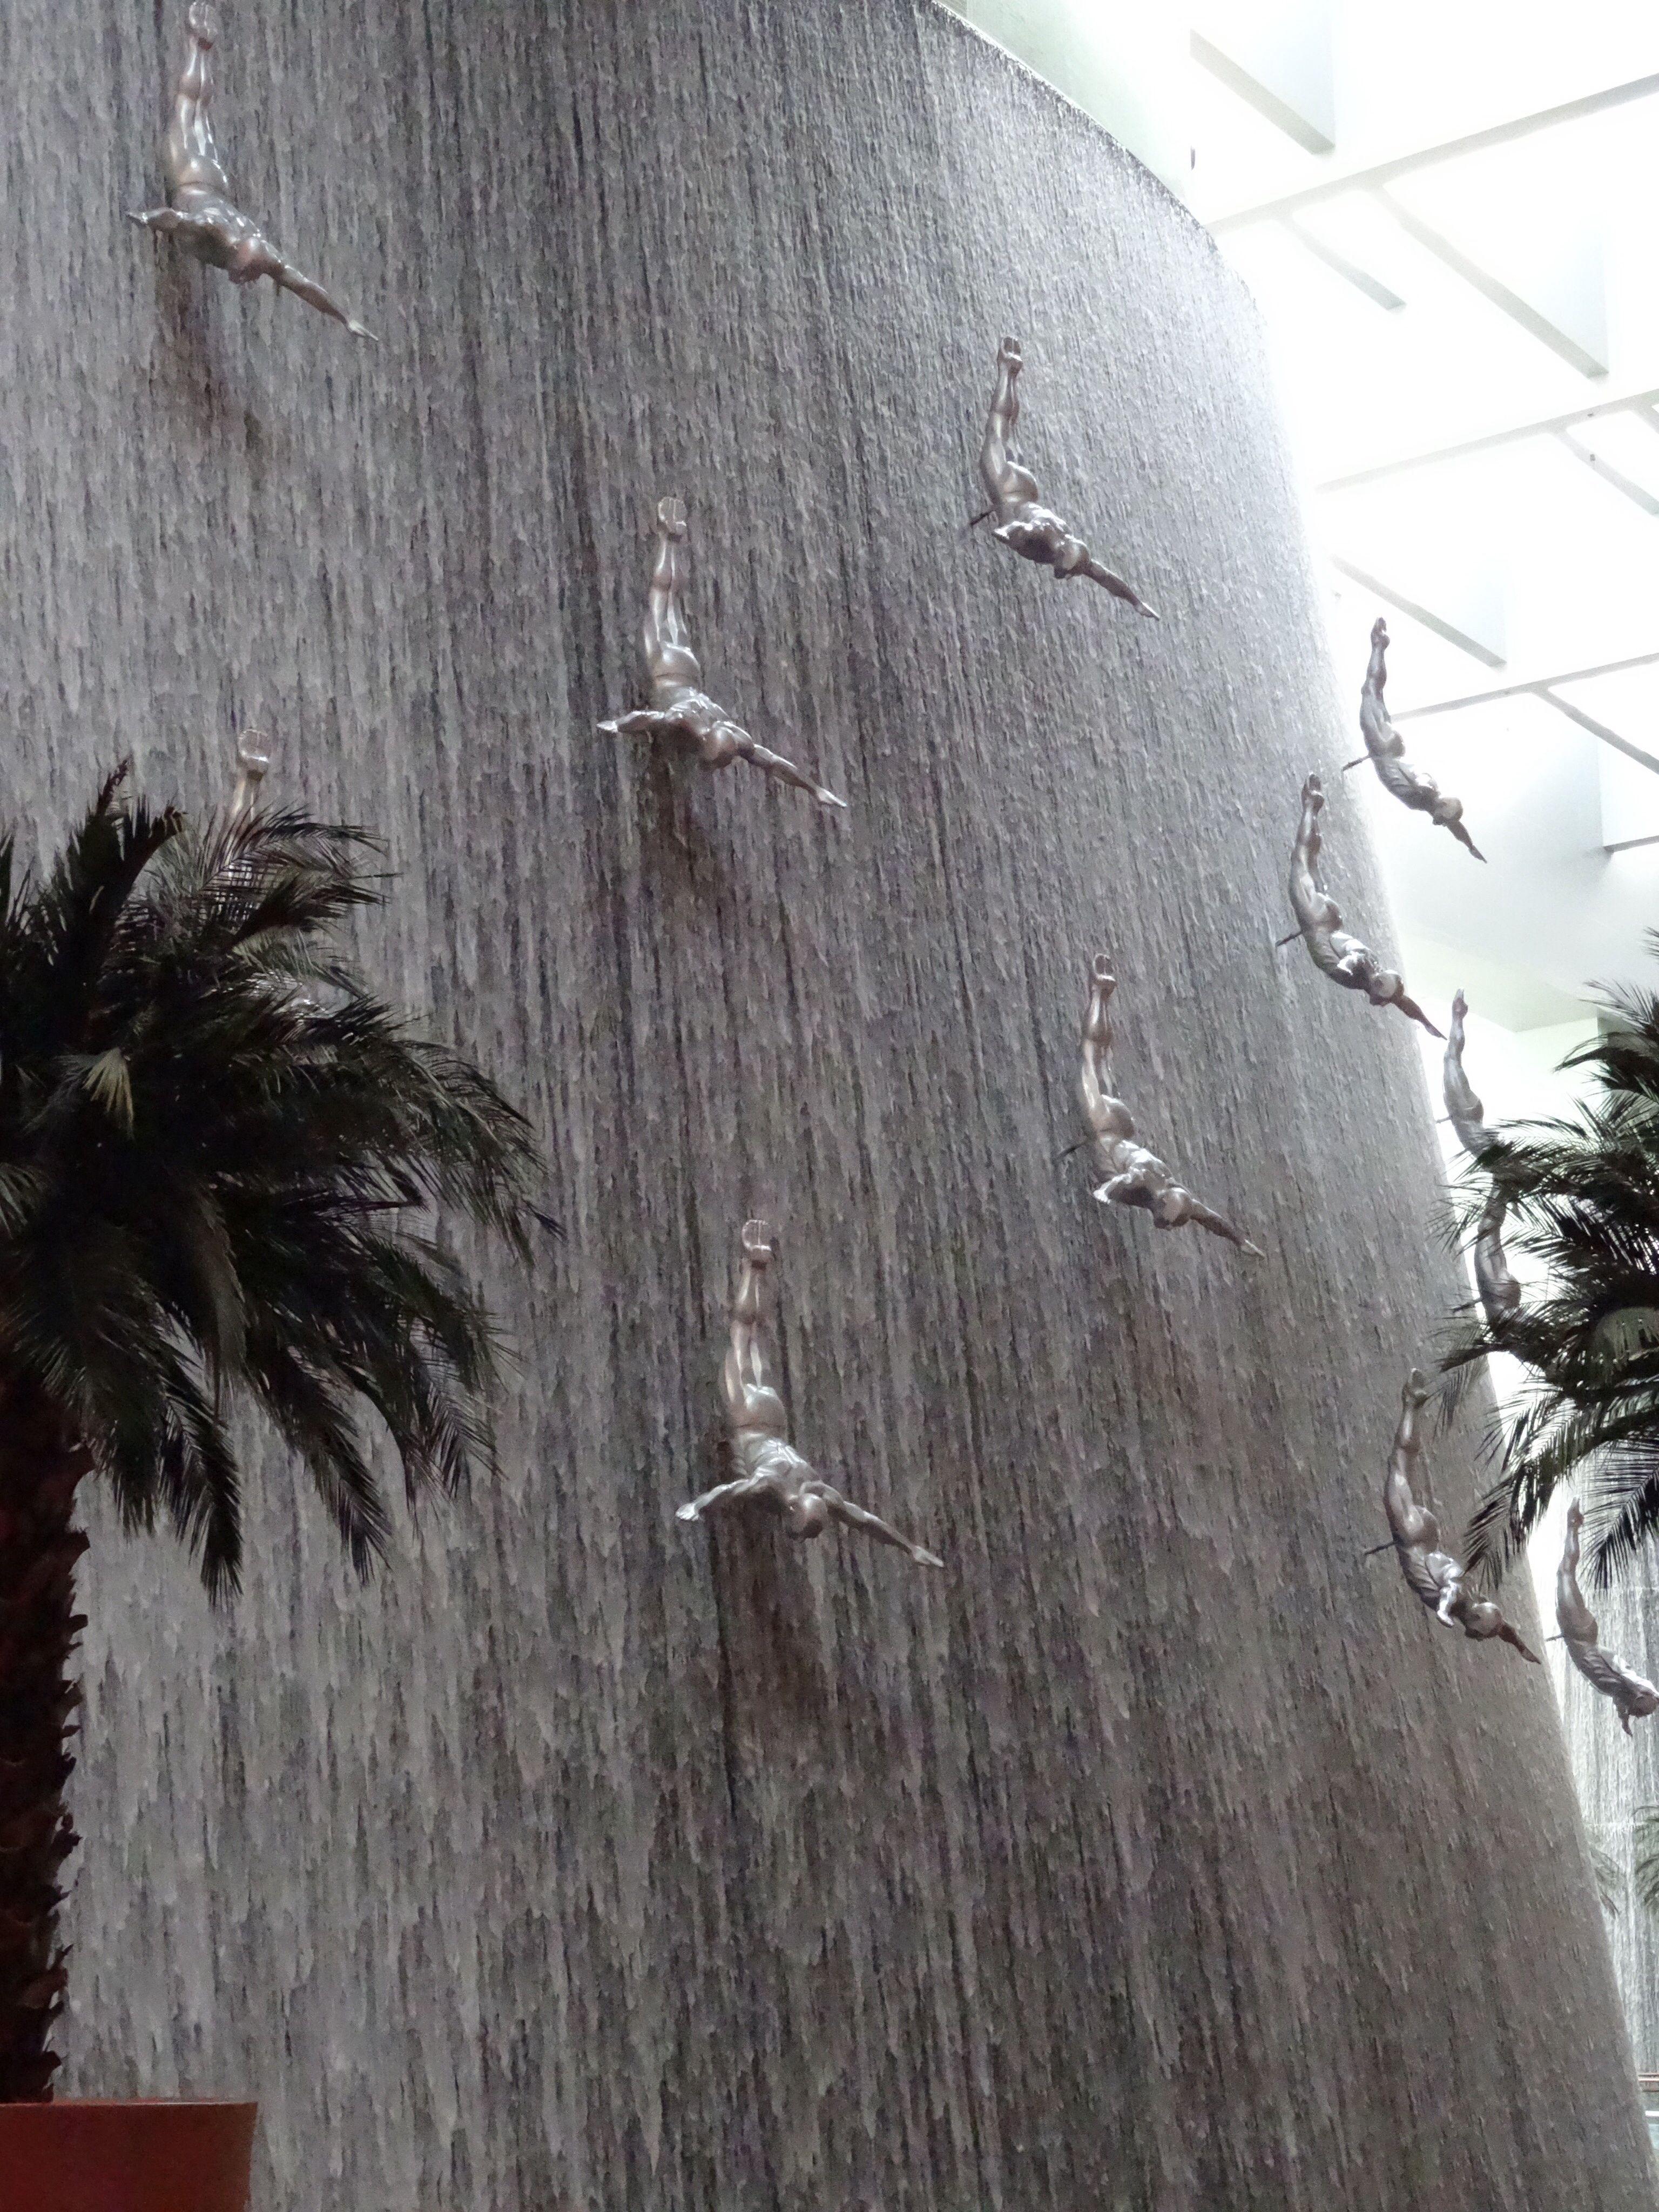 Indoor Waterfall At Dubai Mall Indoor Waterfall Indoor Water